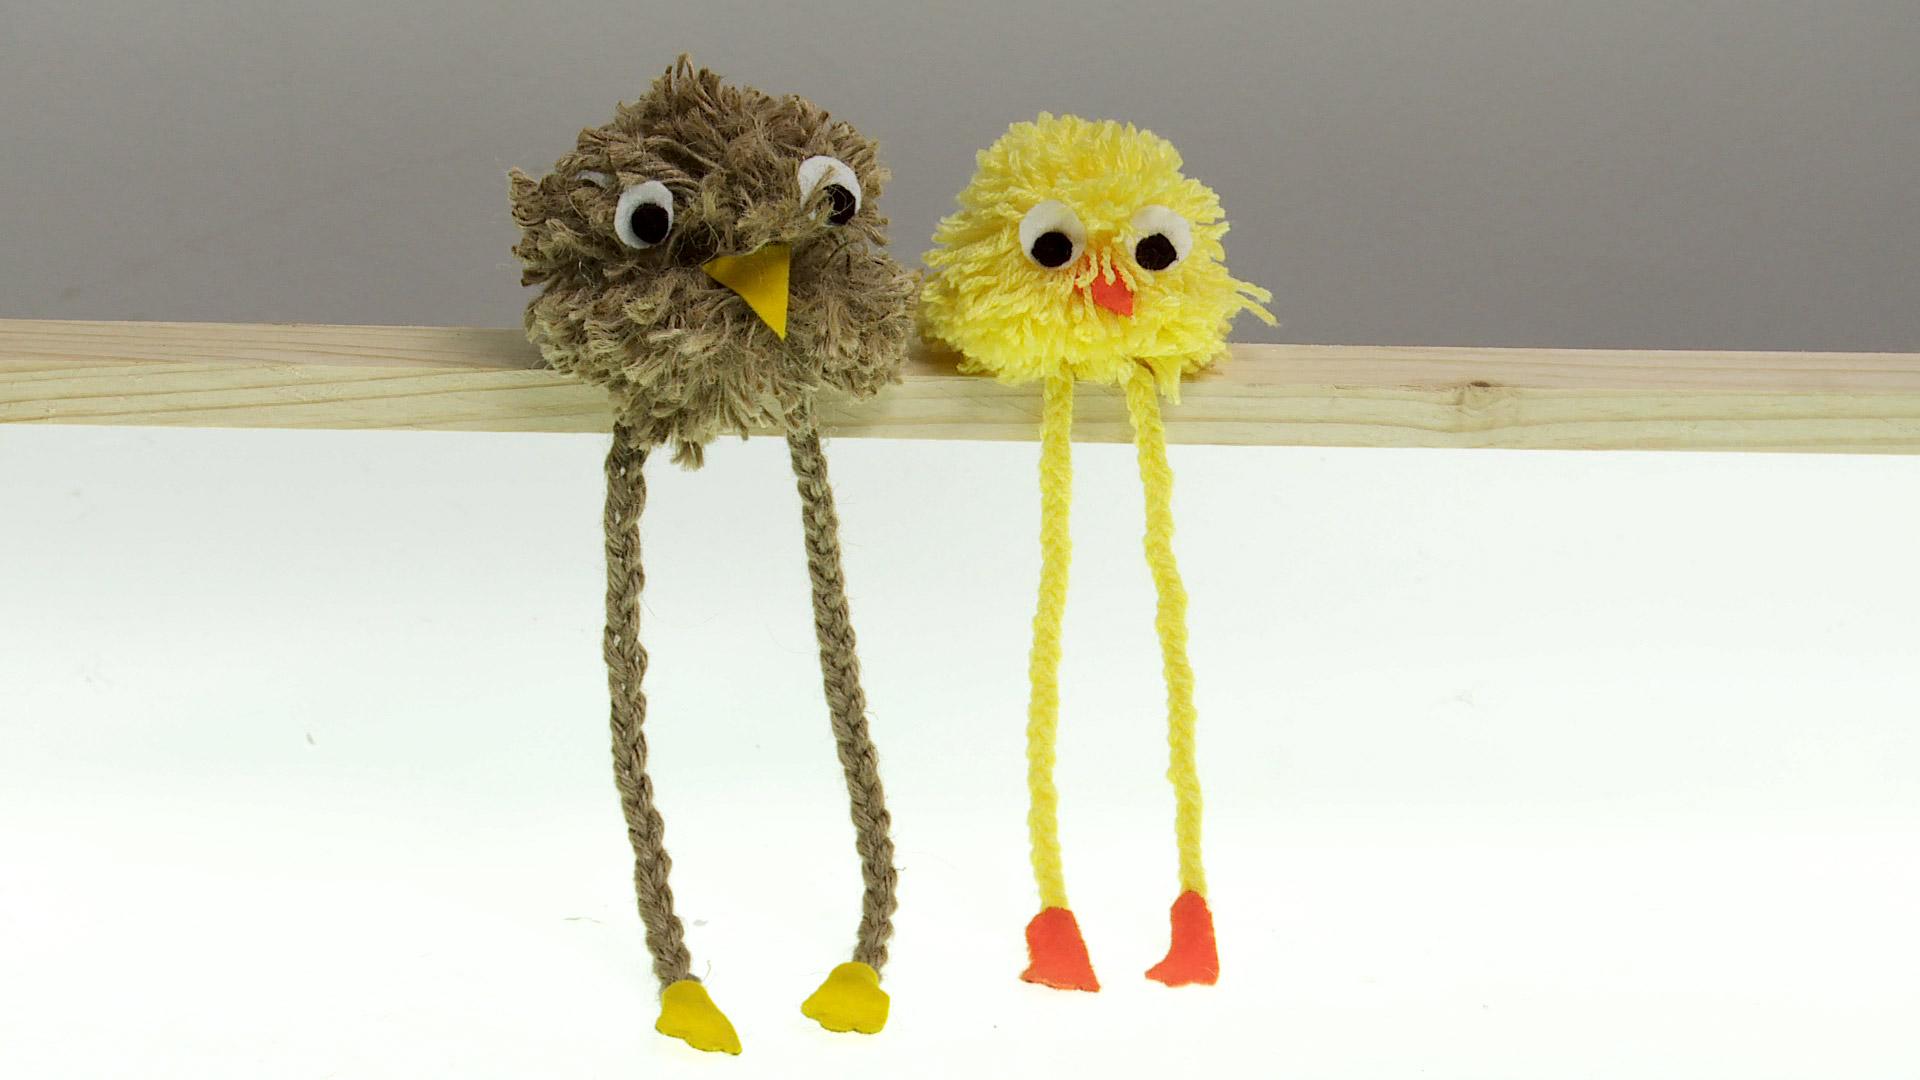 Con una cuerda deshilachada, lana o lienza de algodón podemos hacer un tradicional muñeco de pompón. Los pompones son bolas de lana, que tradicionalmente se usan para adornar chalecos o gorros, y que los niños hacen para formar figuras. En este caso haremos un pájaro.